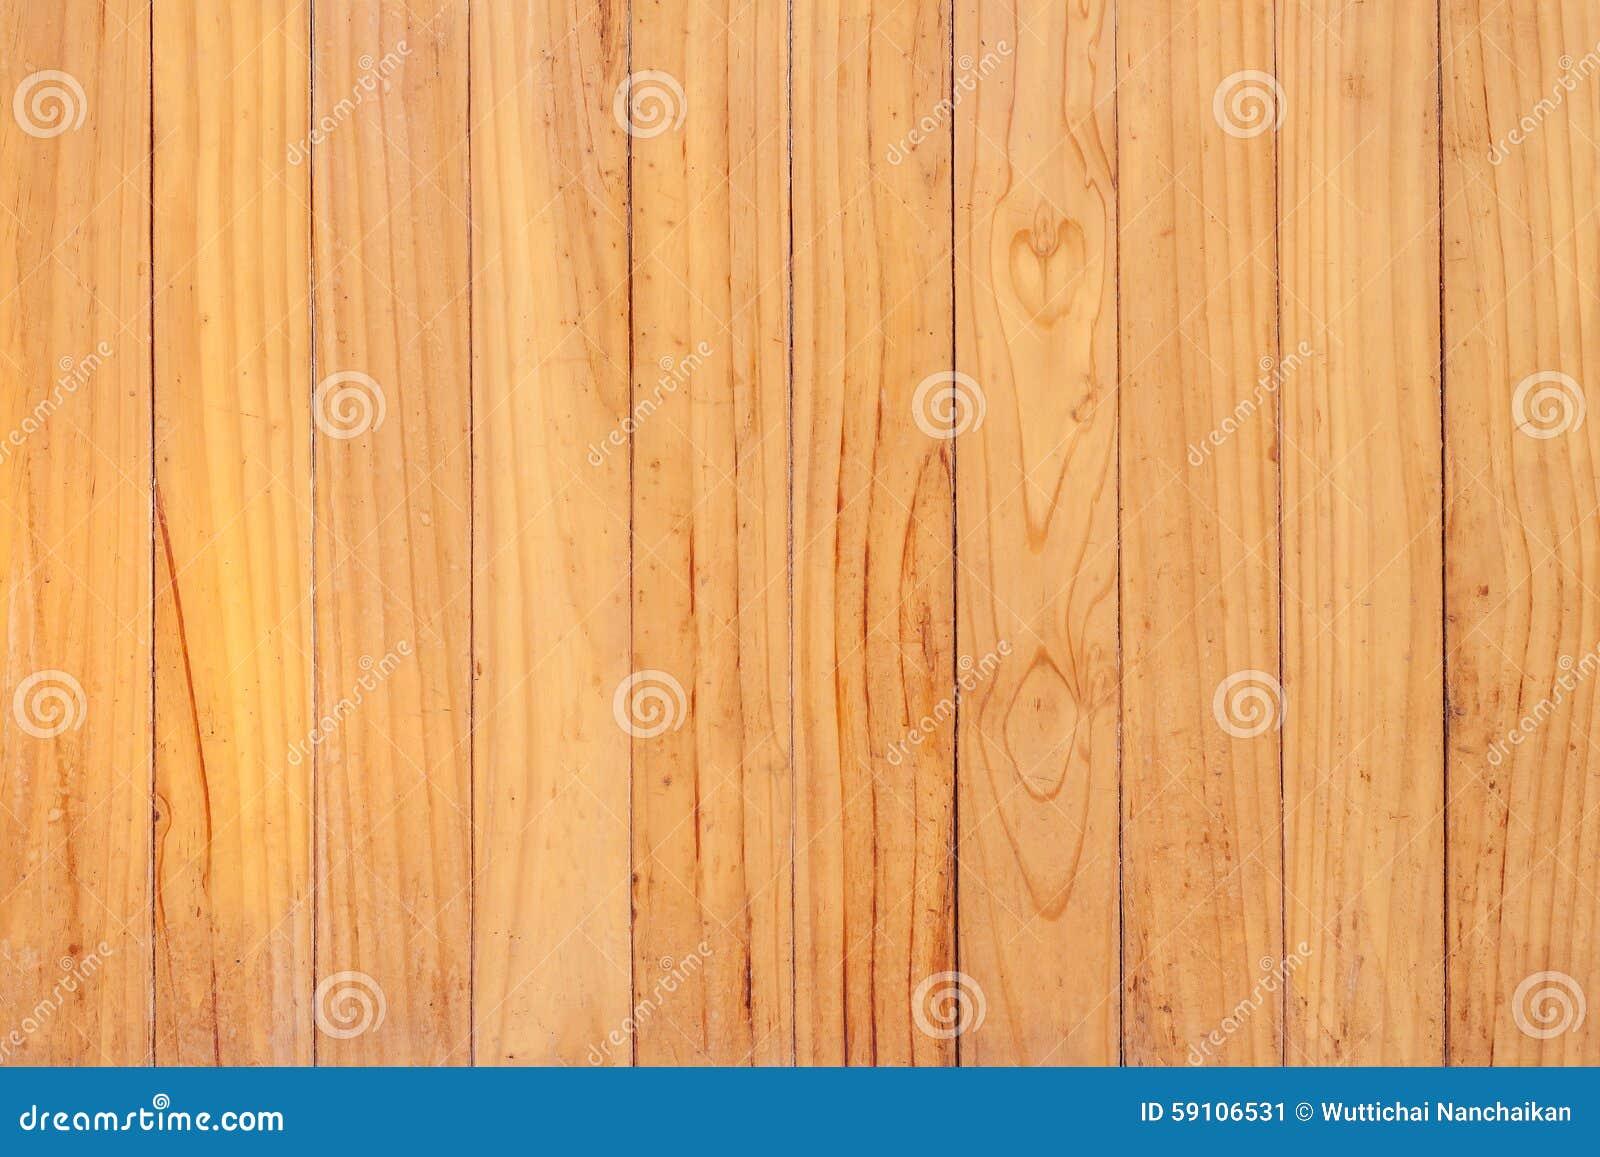 背景棕色树荫纹理木头